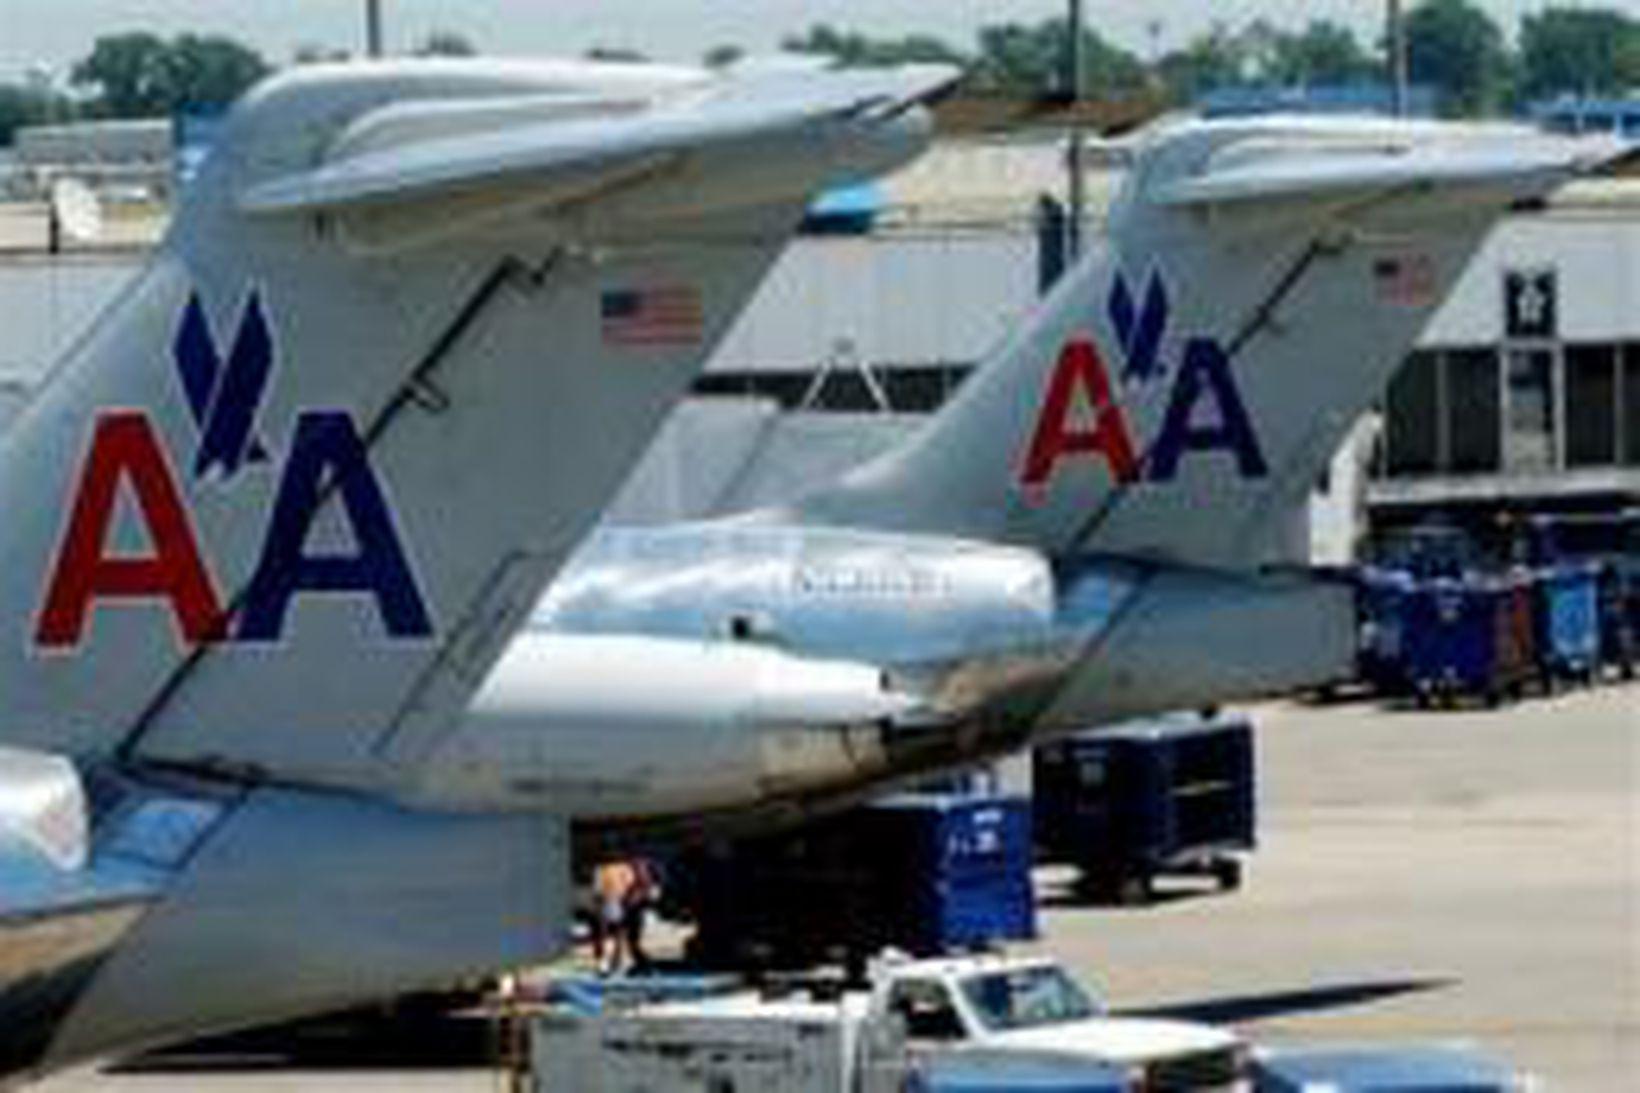 Þotur American Airlines.